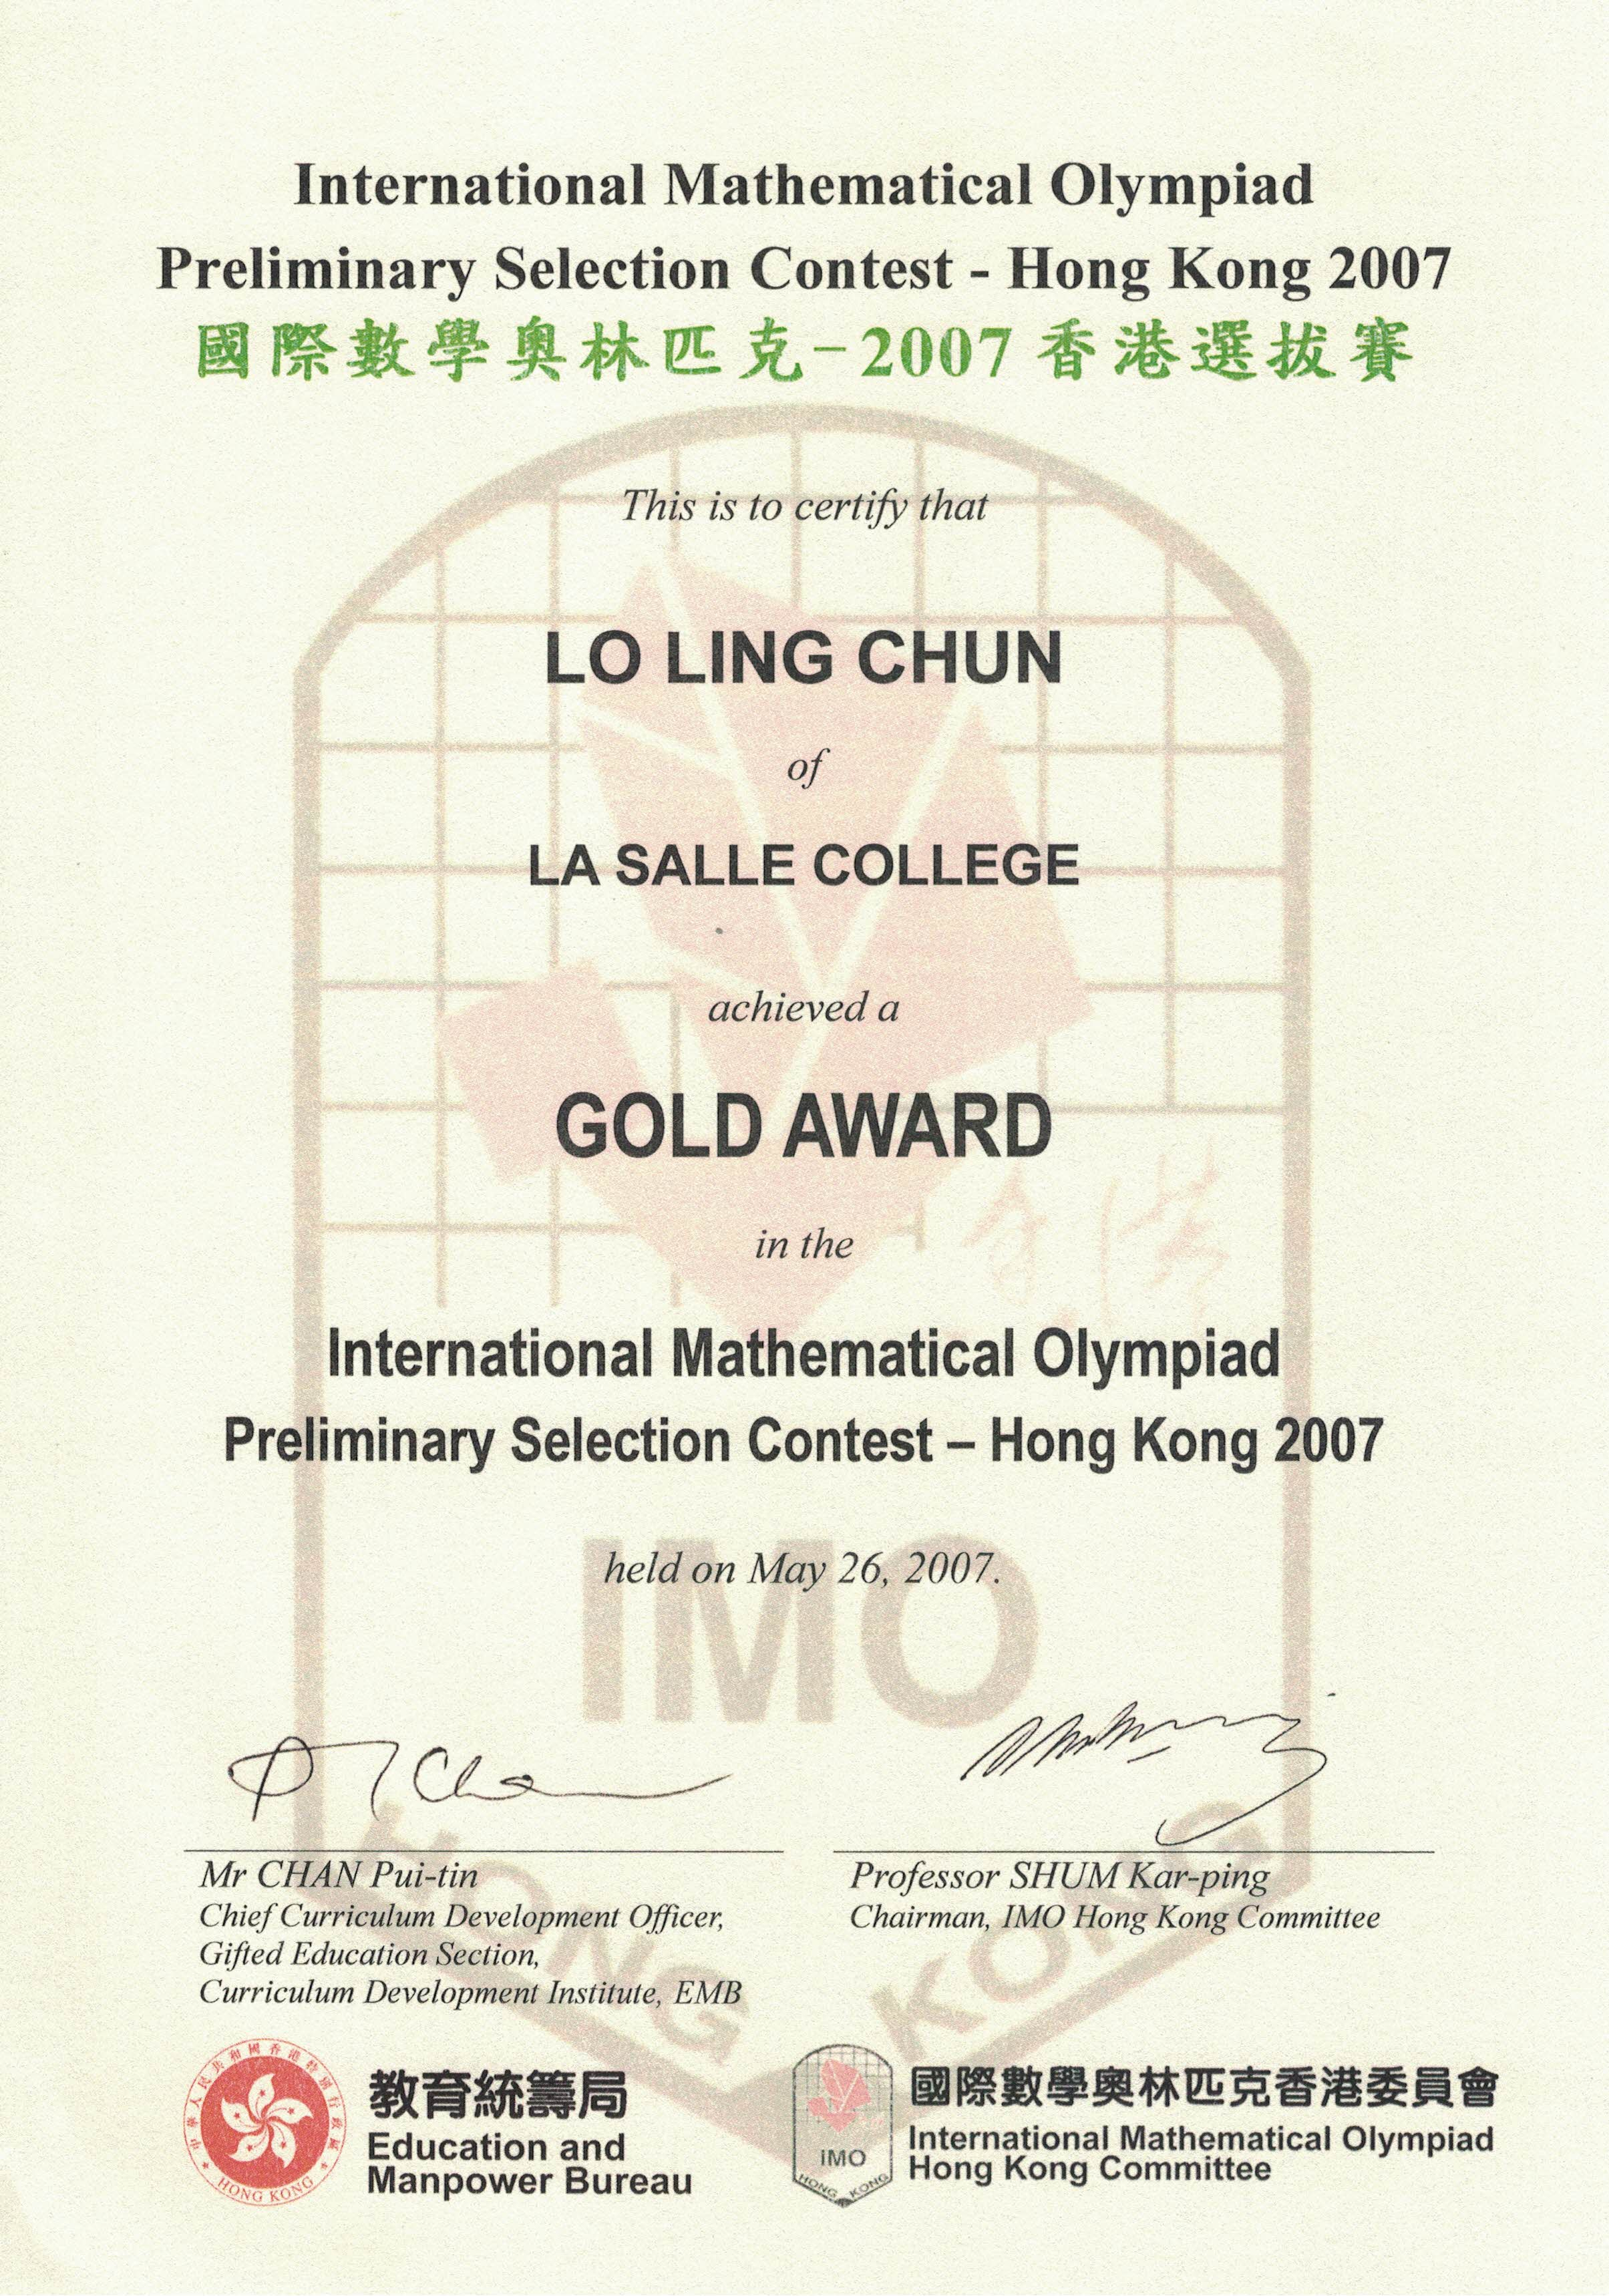 數學補習 - International Mathematical Olympi